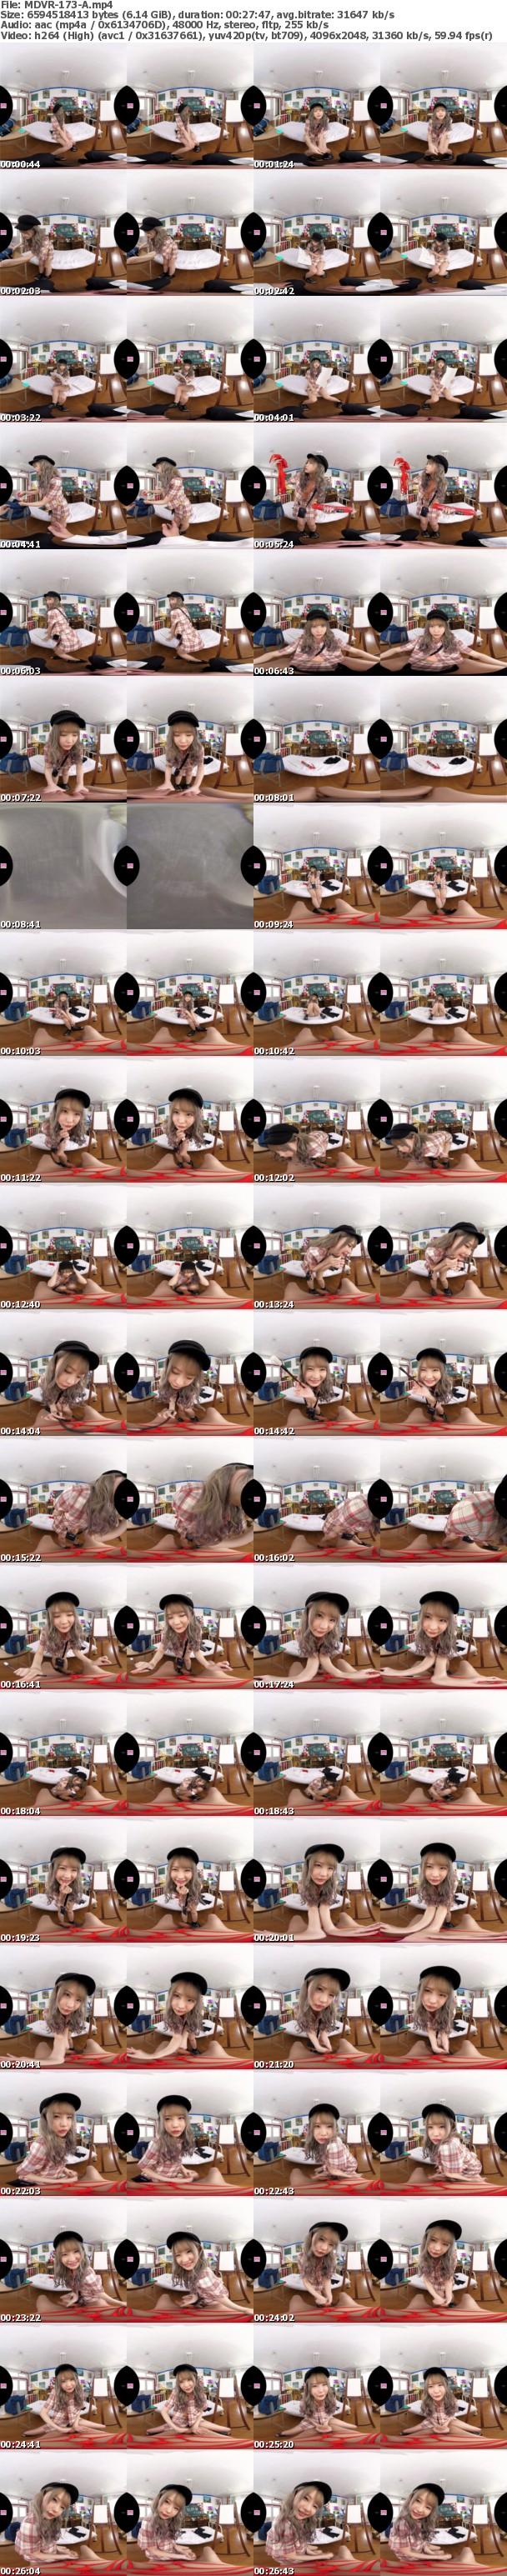 (VR) MDVR-173 最高の小悪魔痴女VR!!美術部のOBギャルが文化祭にやって来て緊縛CFNMでヌカれちゃったボク。 「こんなところで裸になって縛られて恥ずかしくないのっ…??」 松本いちか